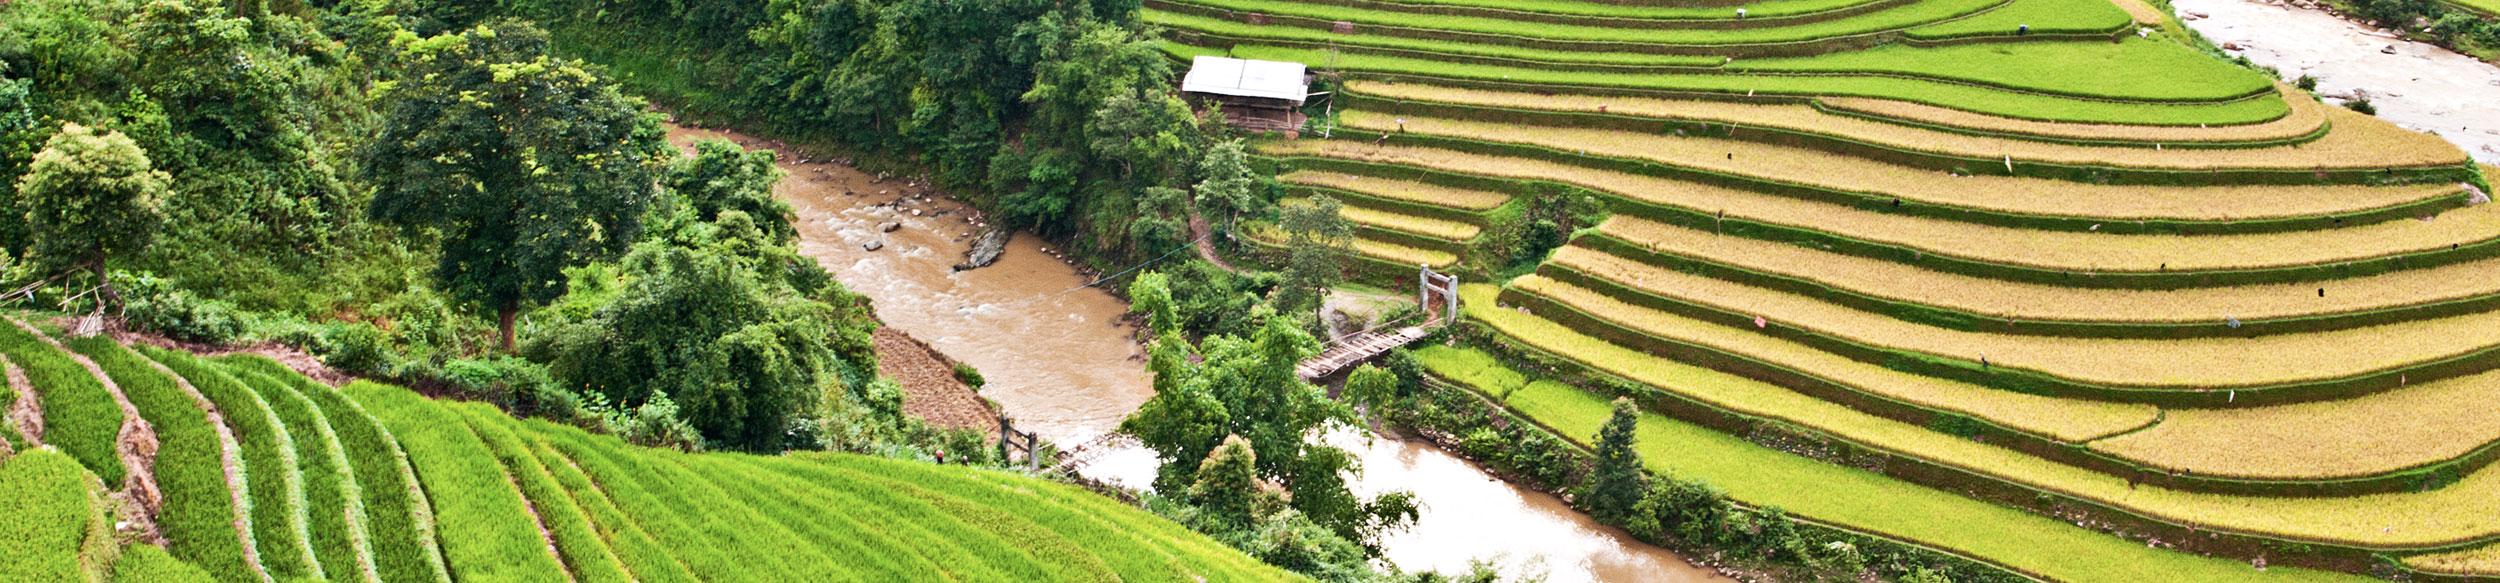 Rizières en terrasse dans la région de Mu Cang Chai au nord Vietnam